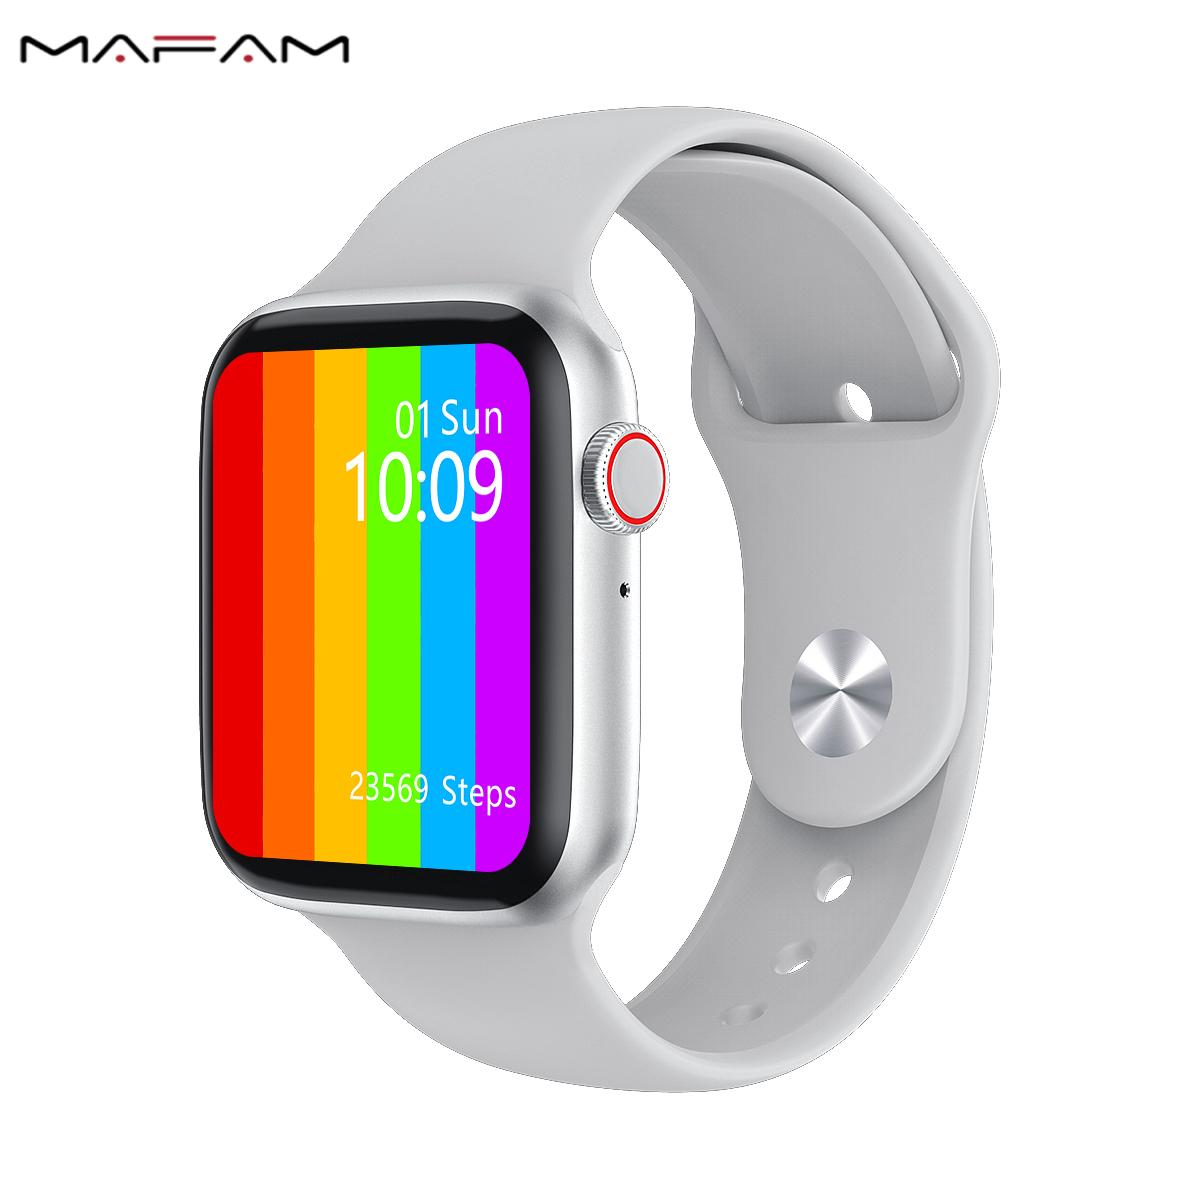 2020 IWO W26 Thông Minh Loạt Đồng Hồ 6 1.75 Inch Cảm Ứng Đầy Đủ Màn Hình ECG PPG Theo Dõi Nhịp Tim Bluetooth Cuộc Gọi Không Thấm Nước Smartwatch IWO 15